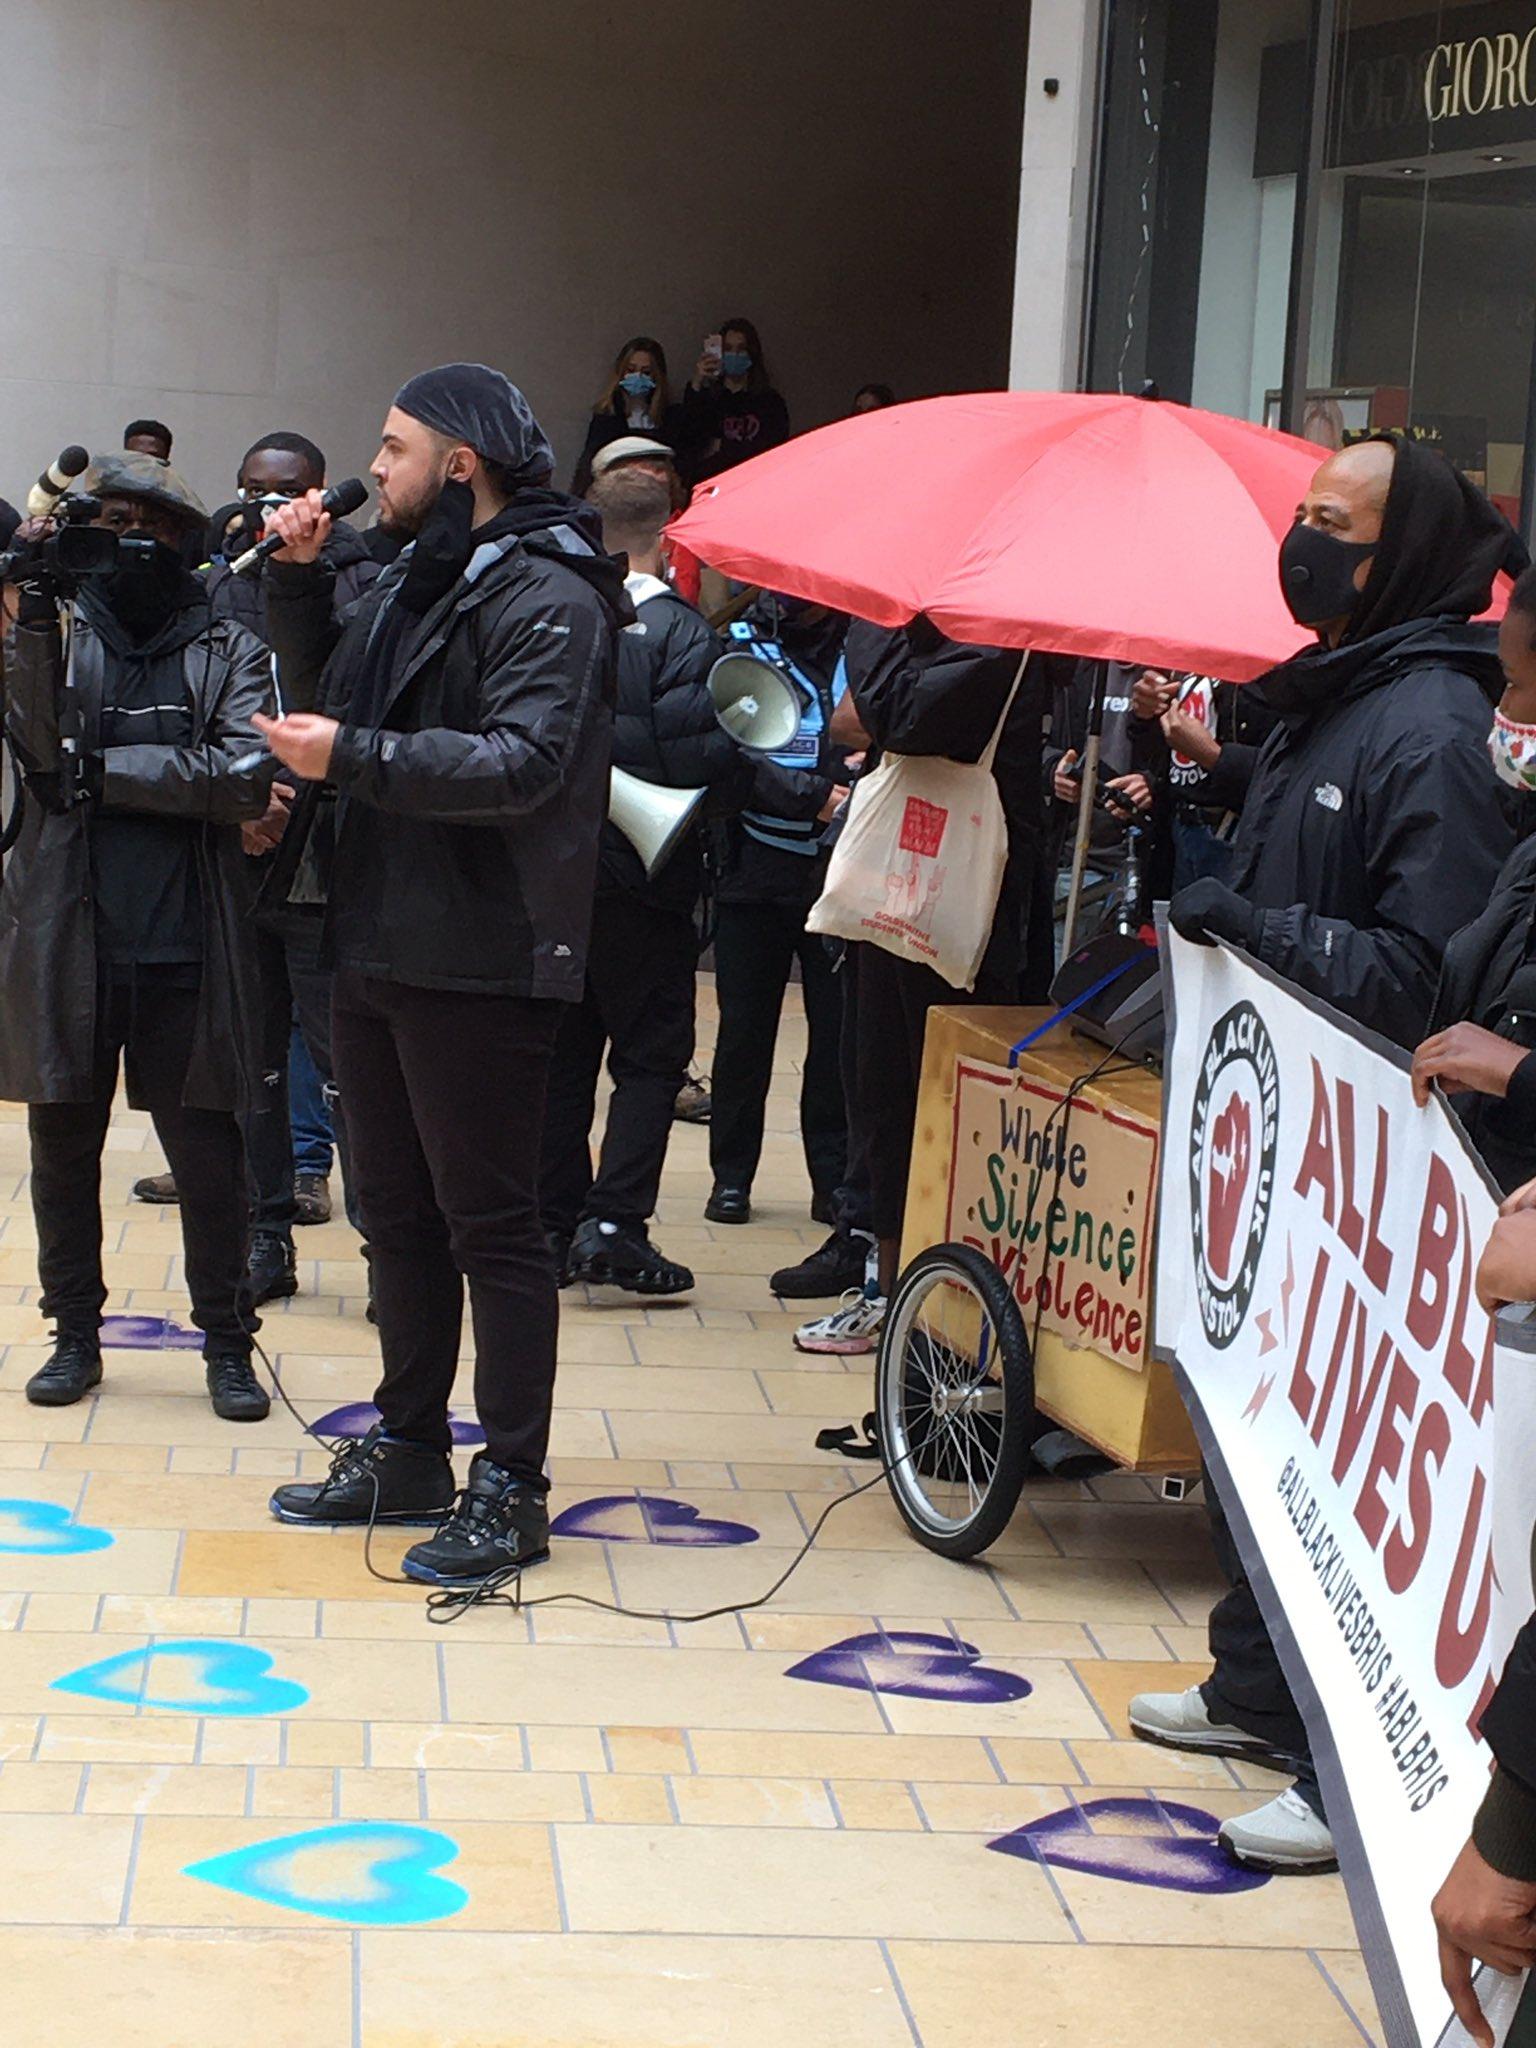 All Black Lives Matter protest in Bristol